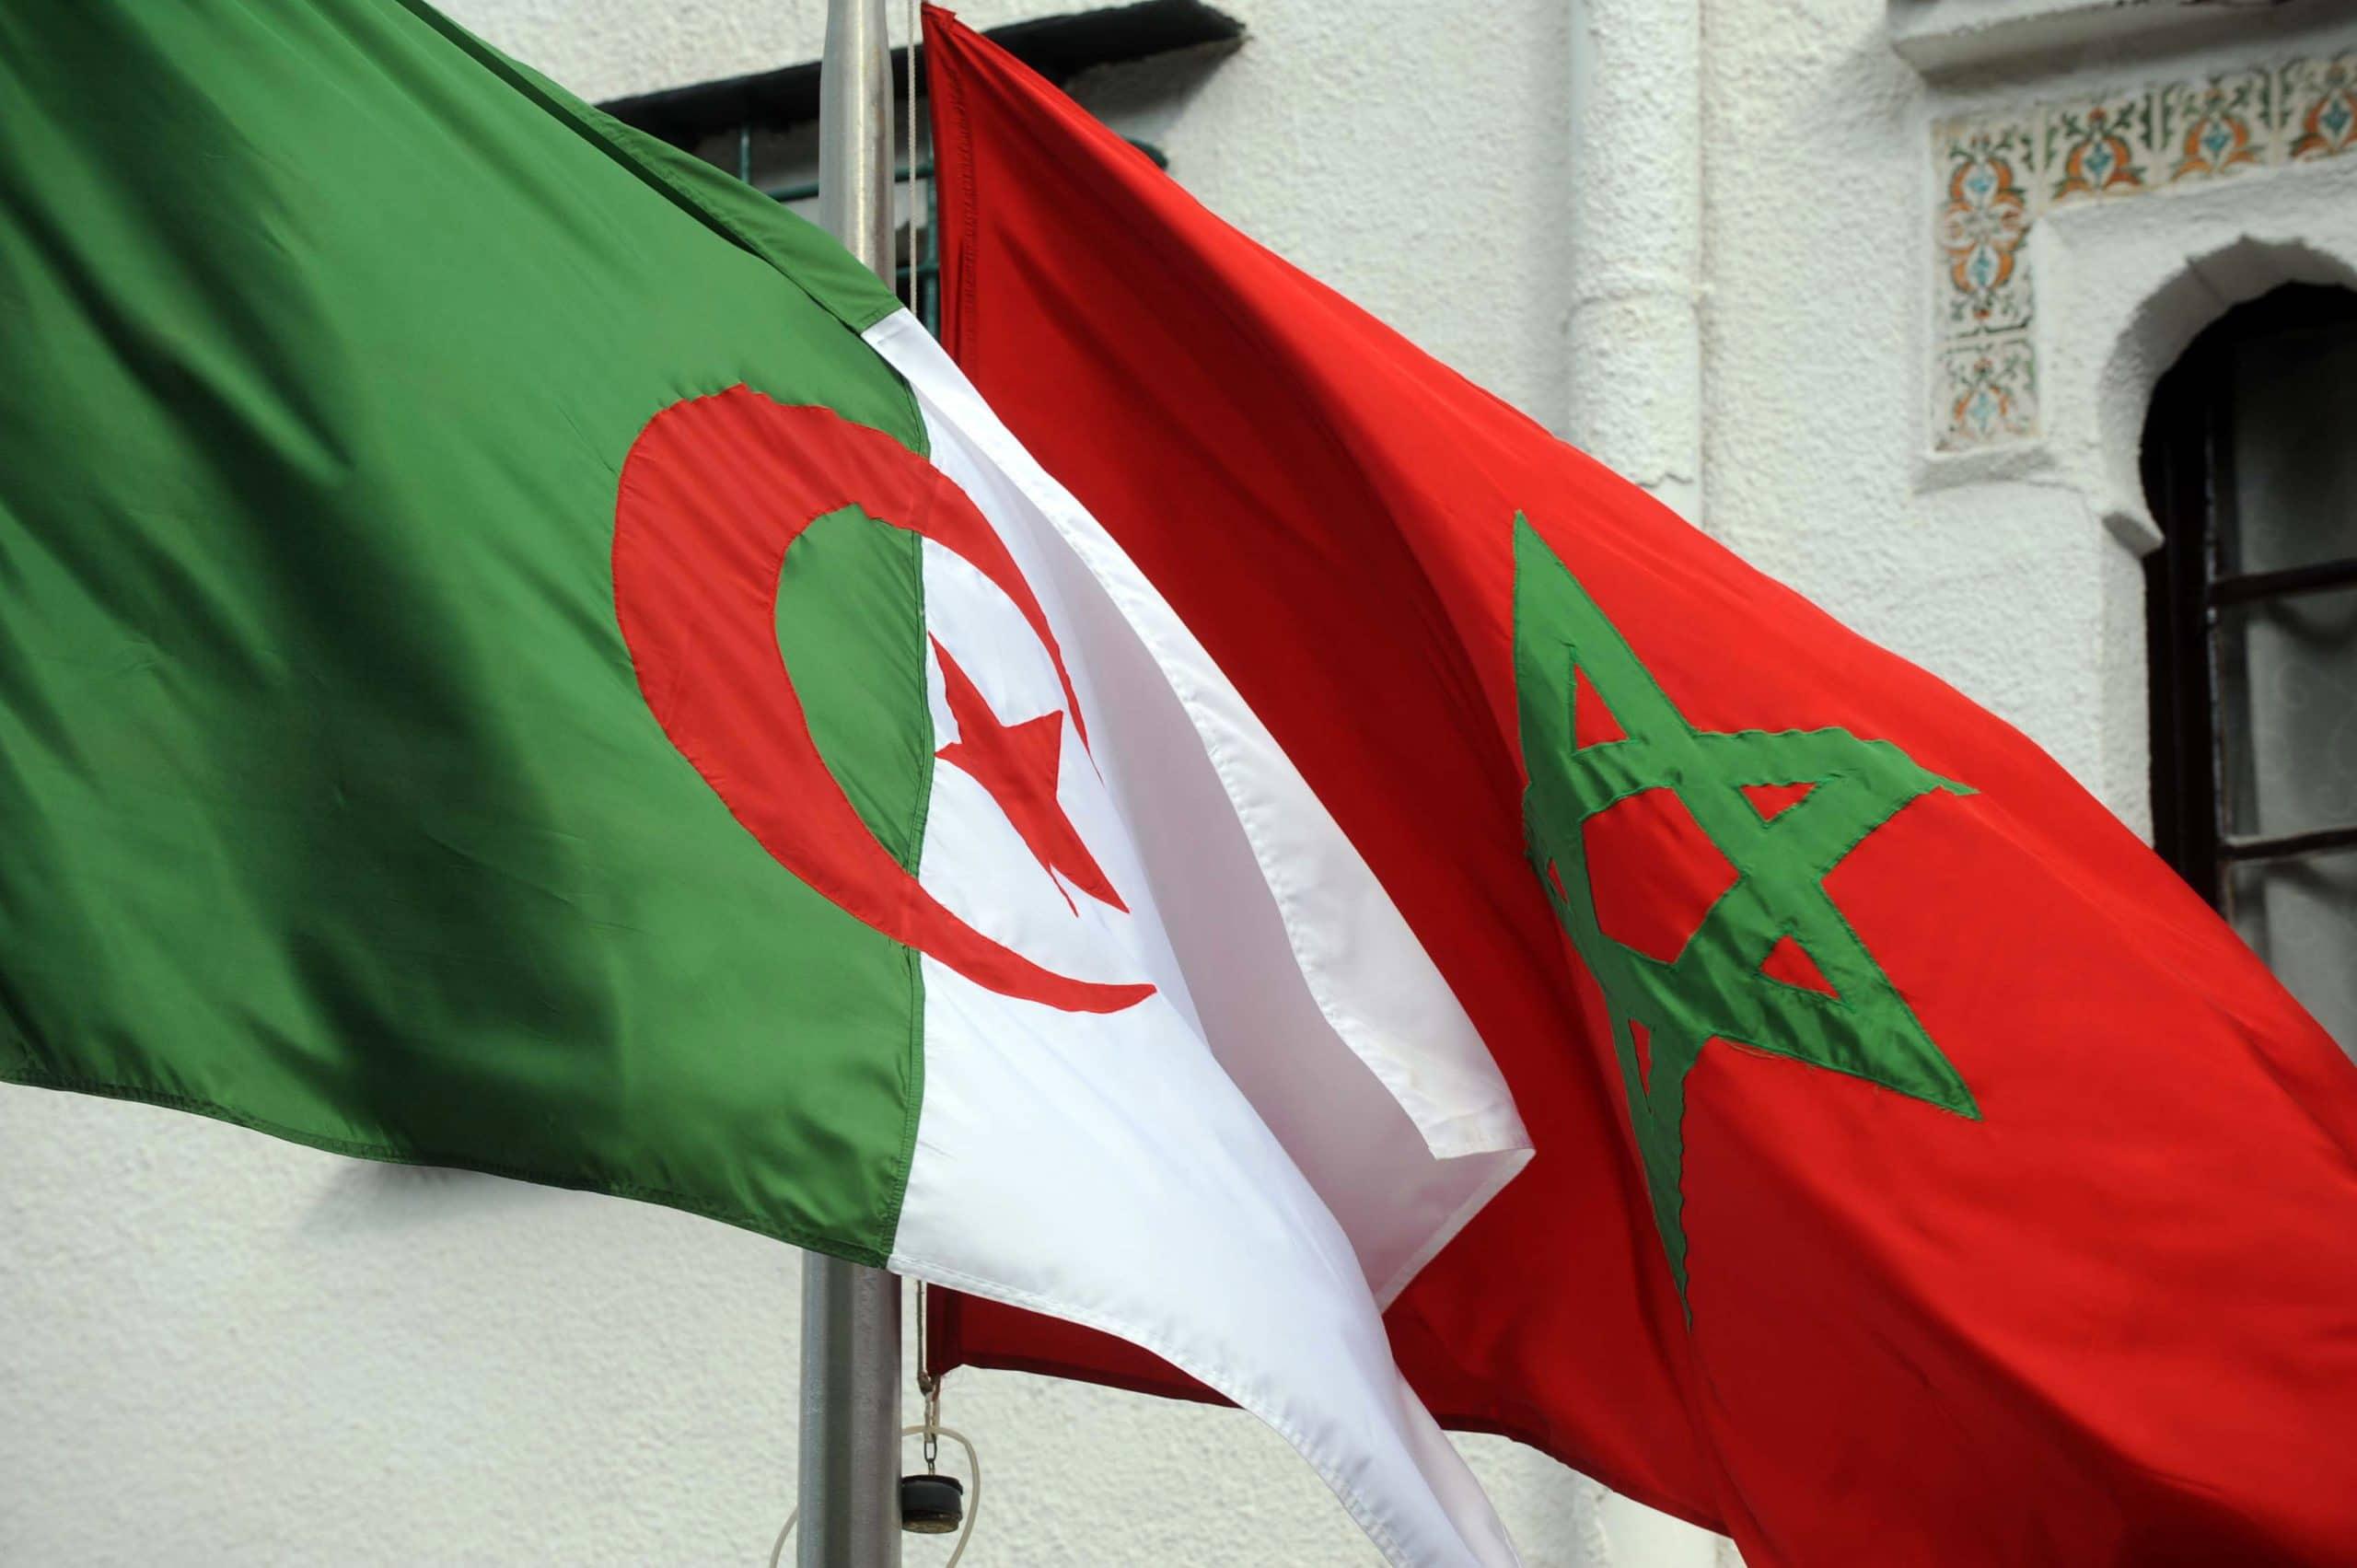 الجزائر تستدعي سفيرها بالمغرب بعد تصريحات عمر هلال وتلمح لخطوة تصعيدية